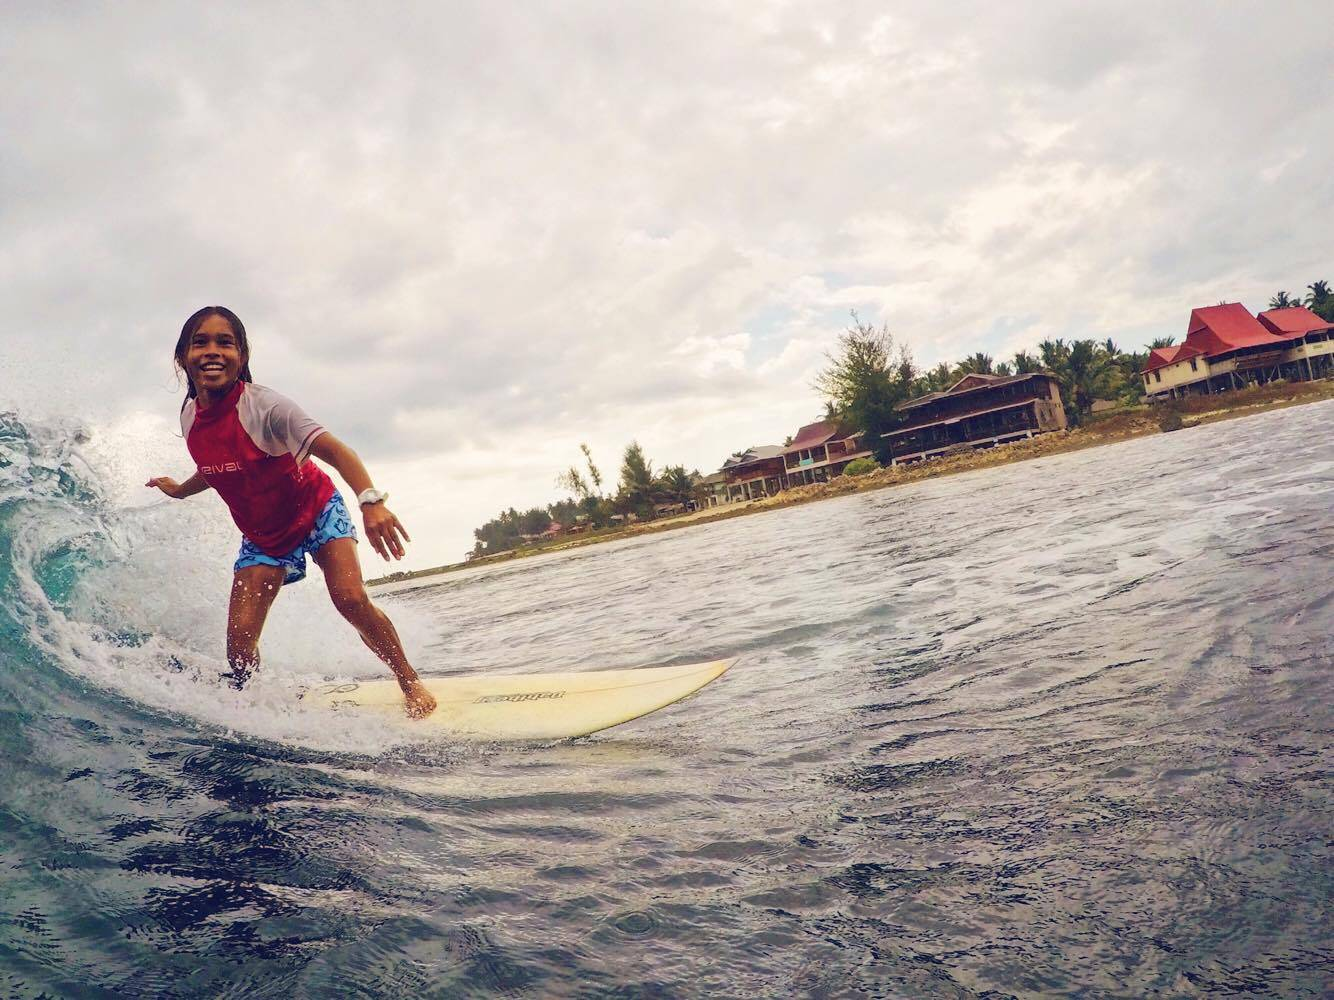 Nias Surfing